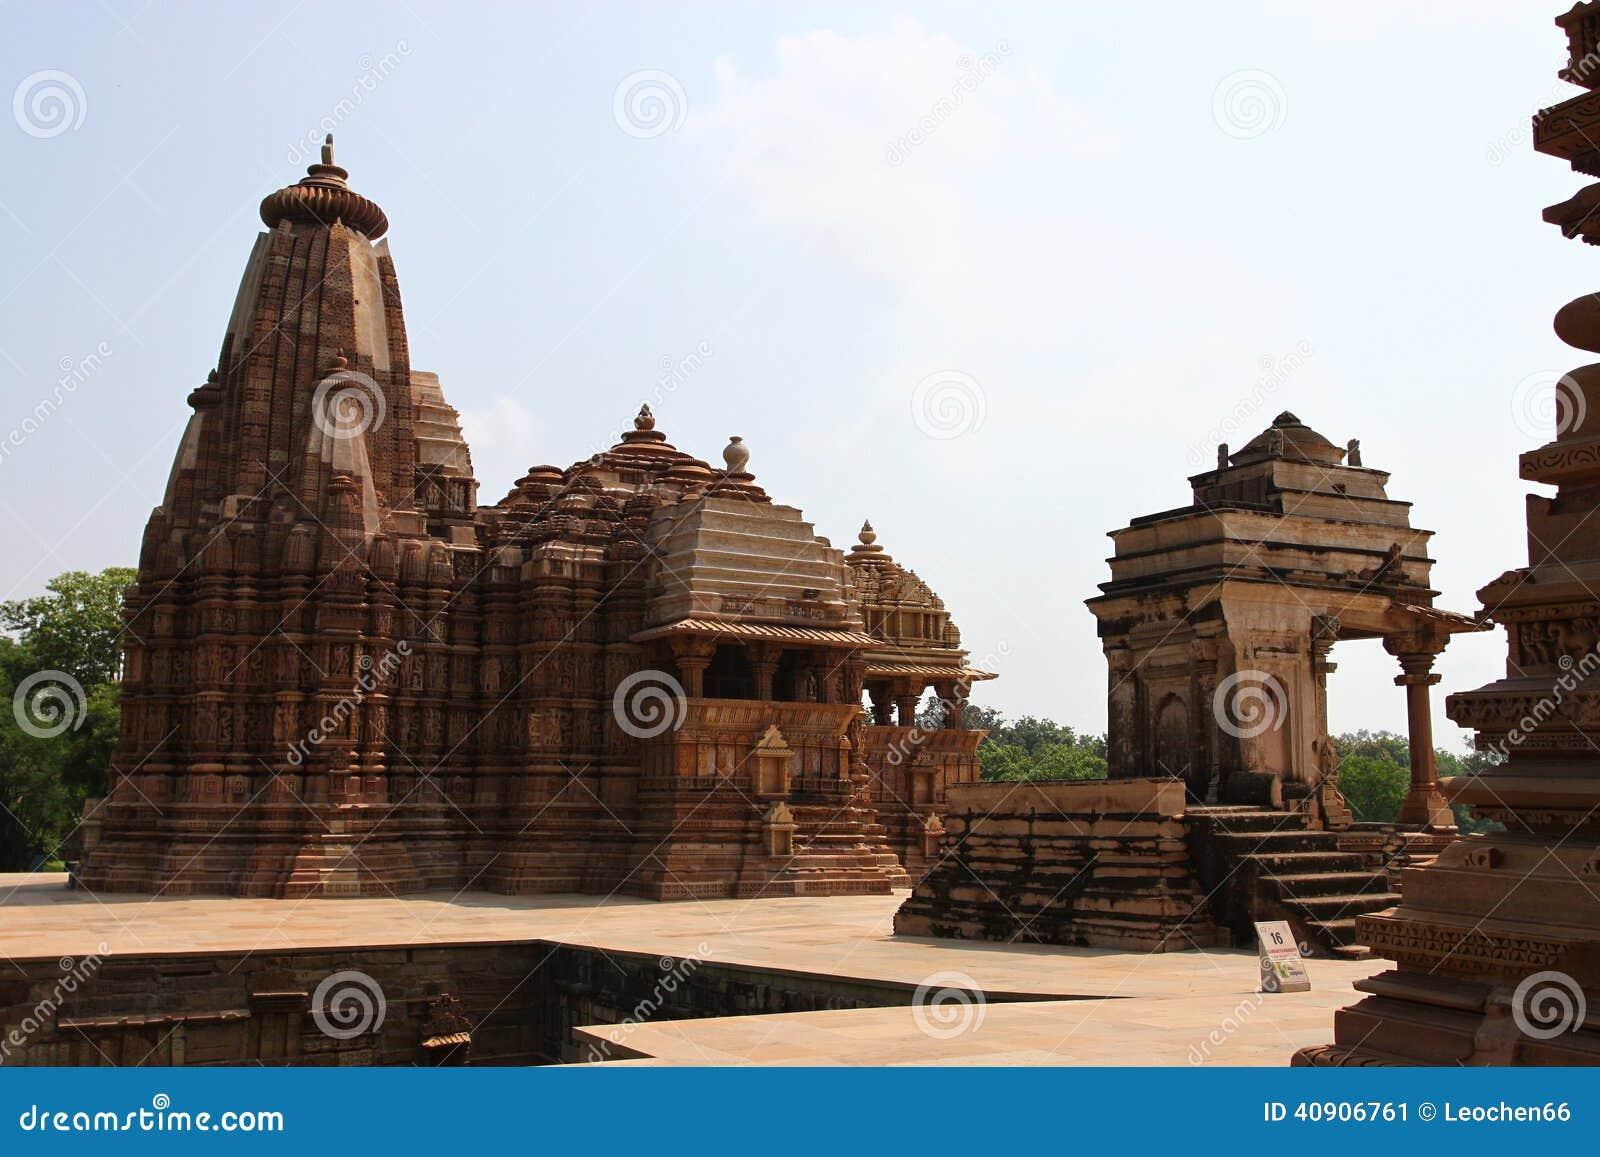 Ναοί Khajuraho και τα ερωτικά γλυπτά τους, Ινδία